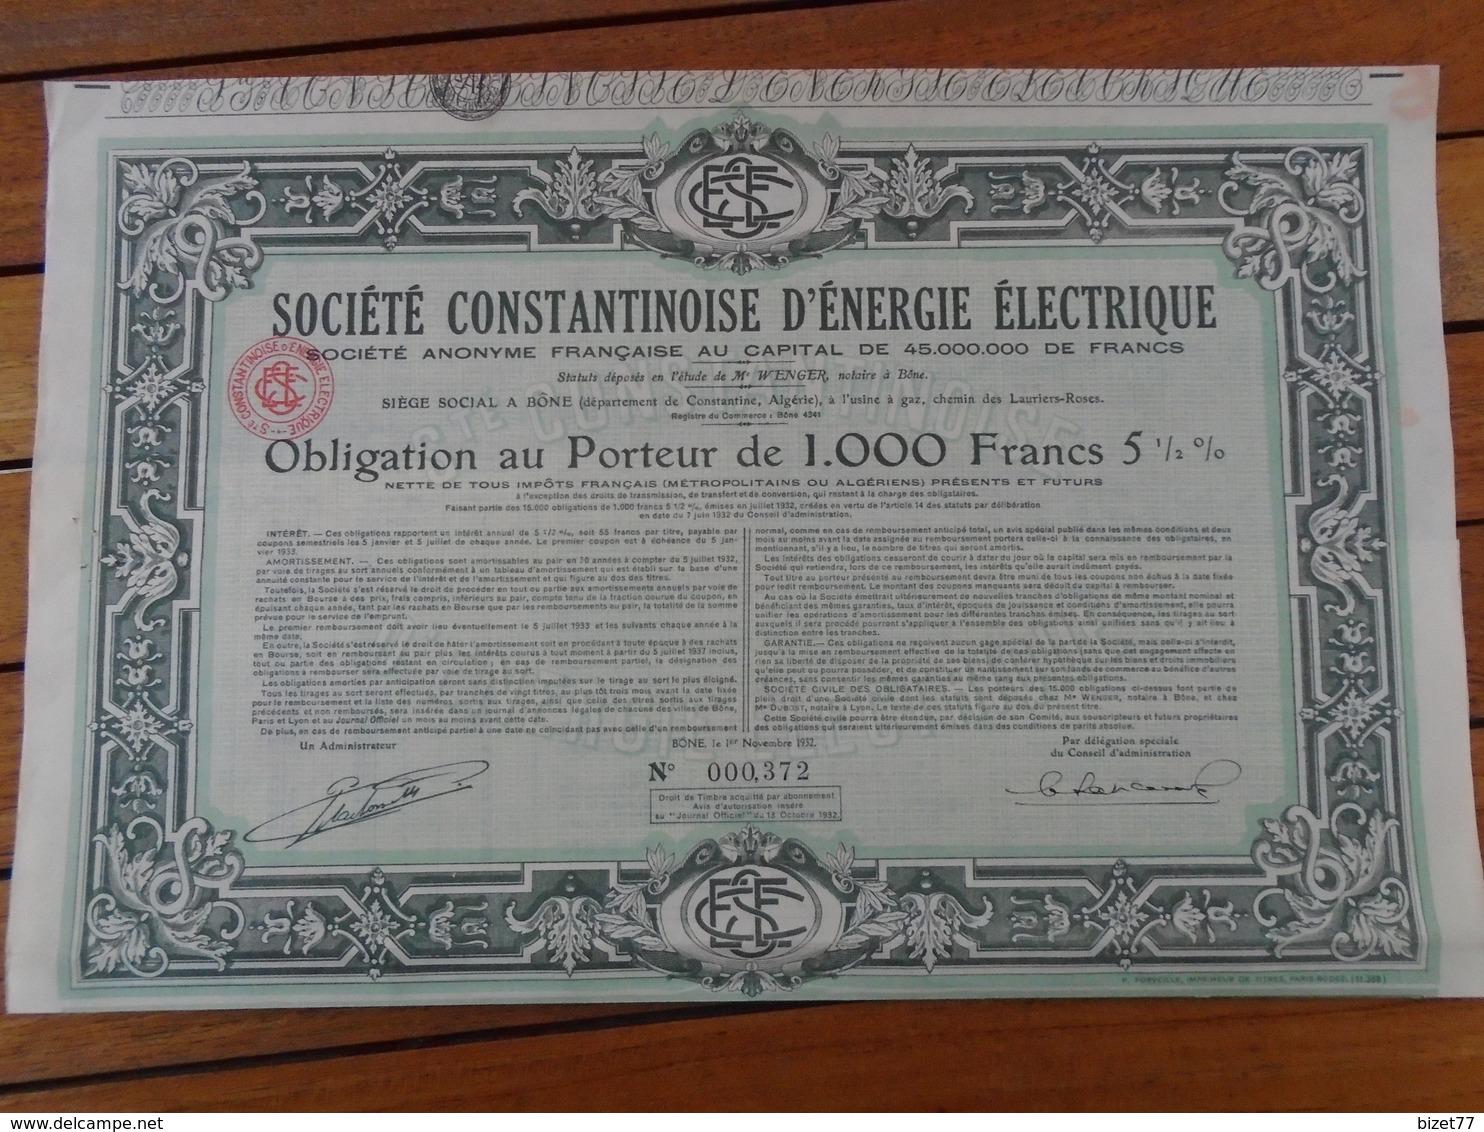 NOUVEAU - ALGERIE - STE CONSTANTINOISE D'ENERGIE ELECTRIQUE - OBLIGATION 1000 FRS  1/2% - BONE 1932 - Aandelen